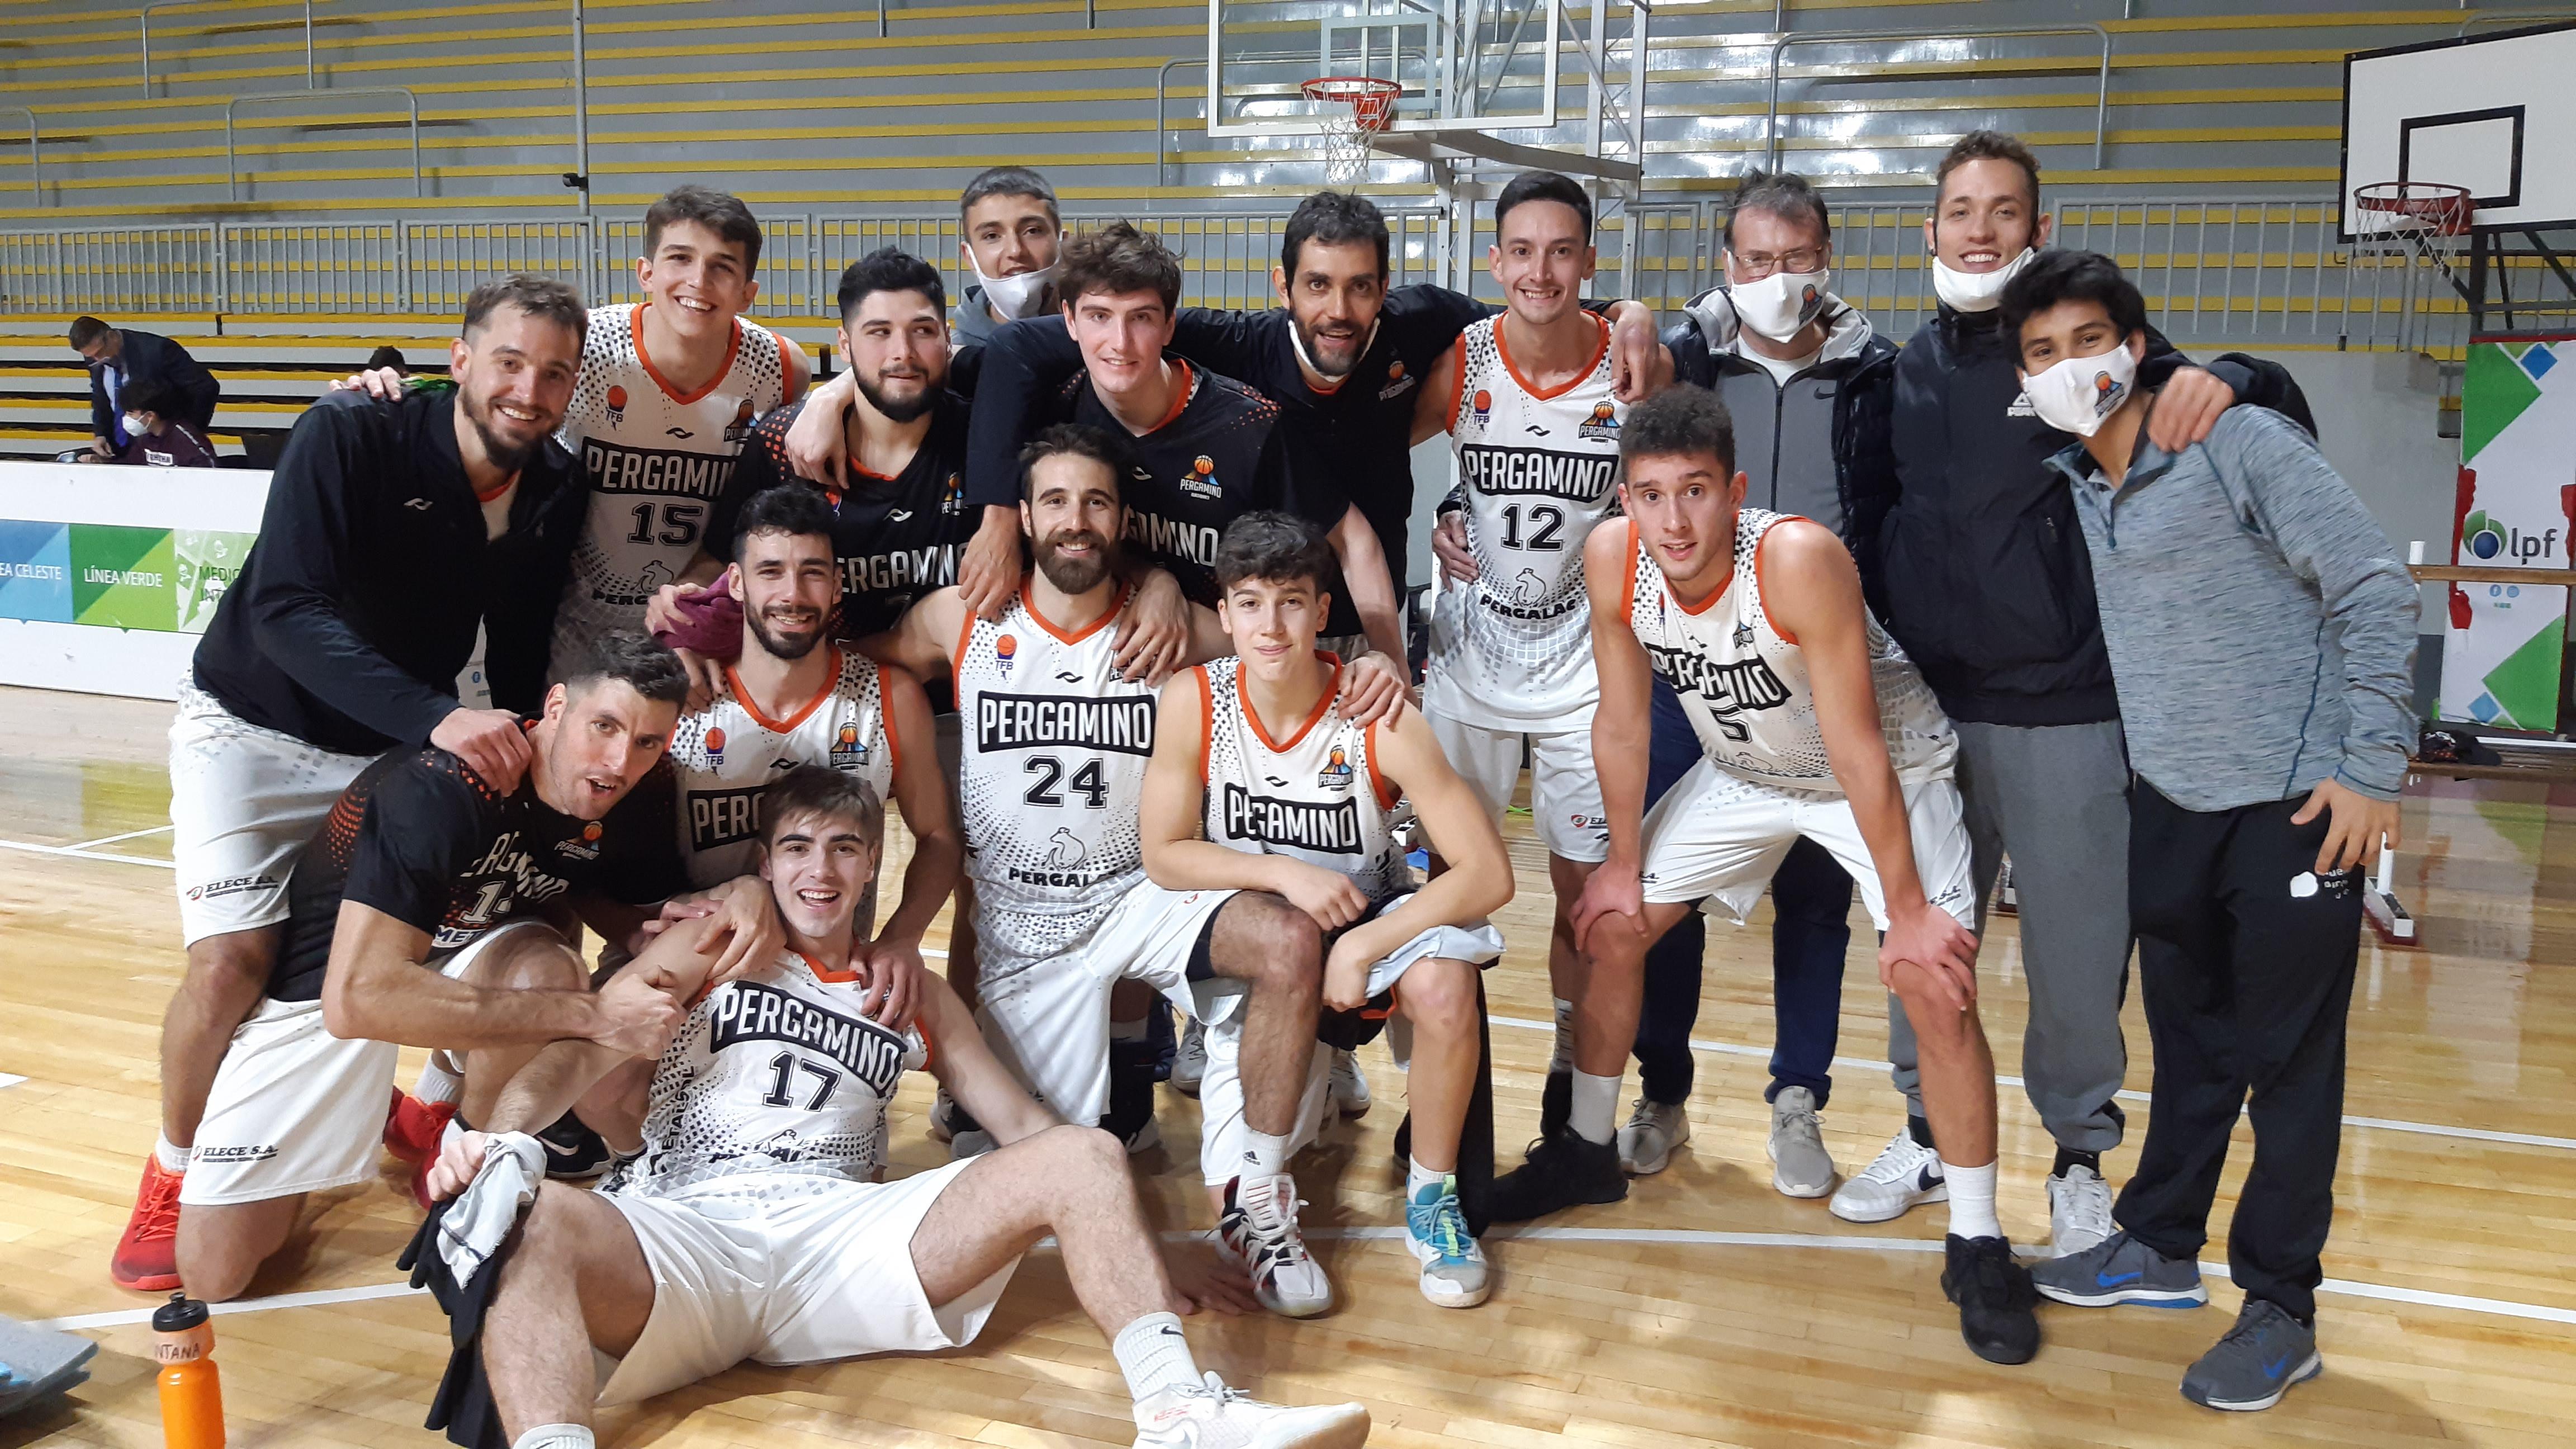 Estudiantes va por el boleto a Playoffs en Pergamino